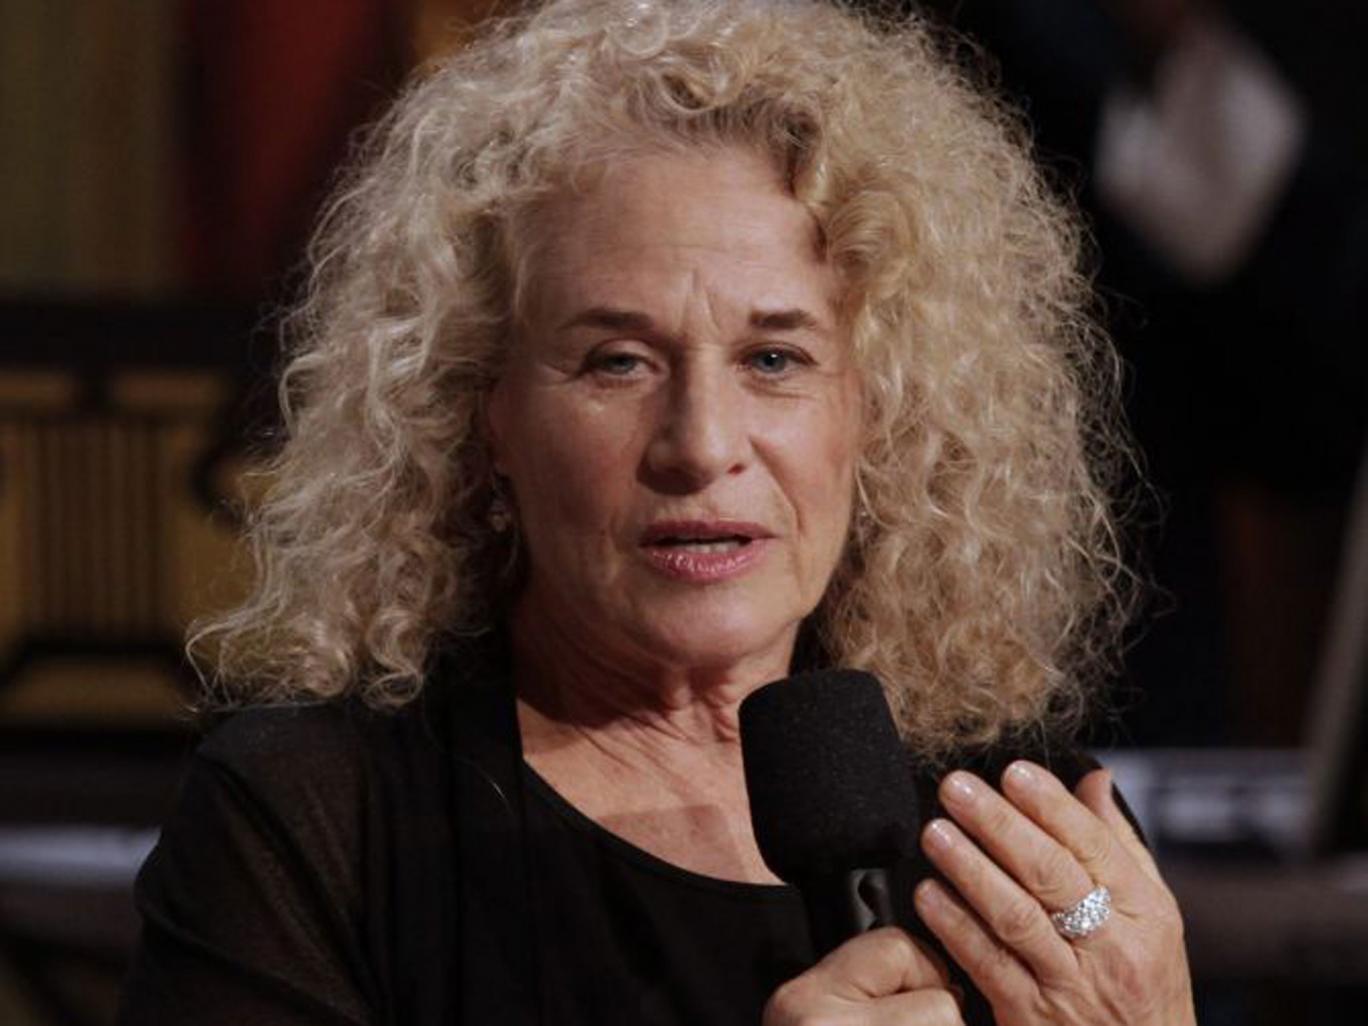 Carole King, singer-songwriter